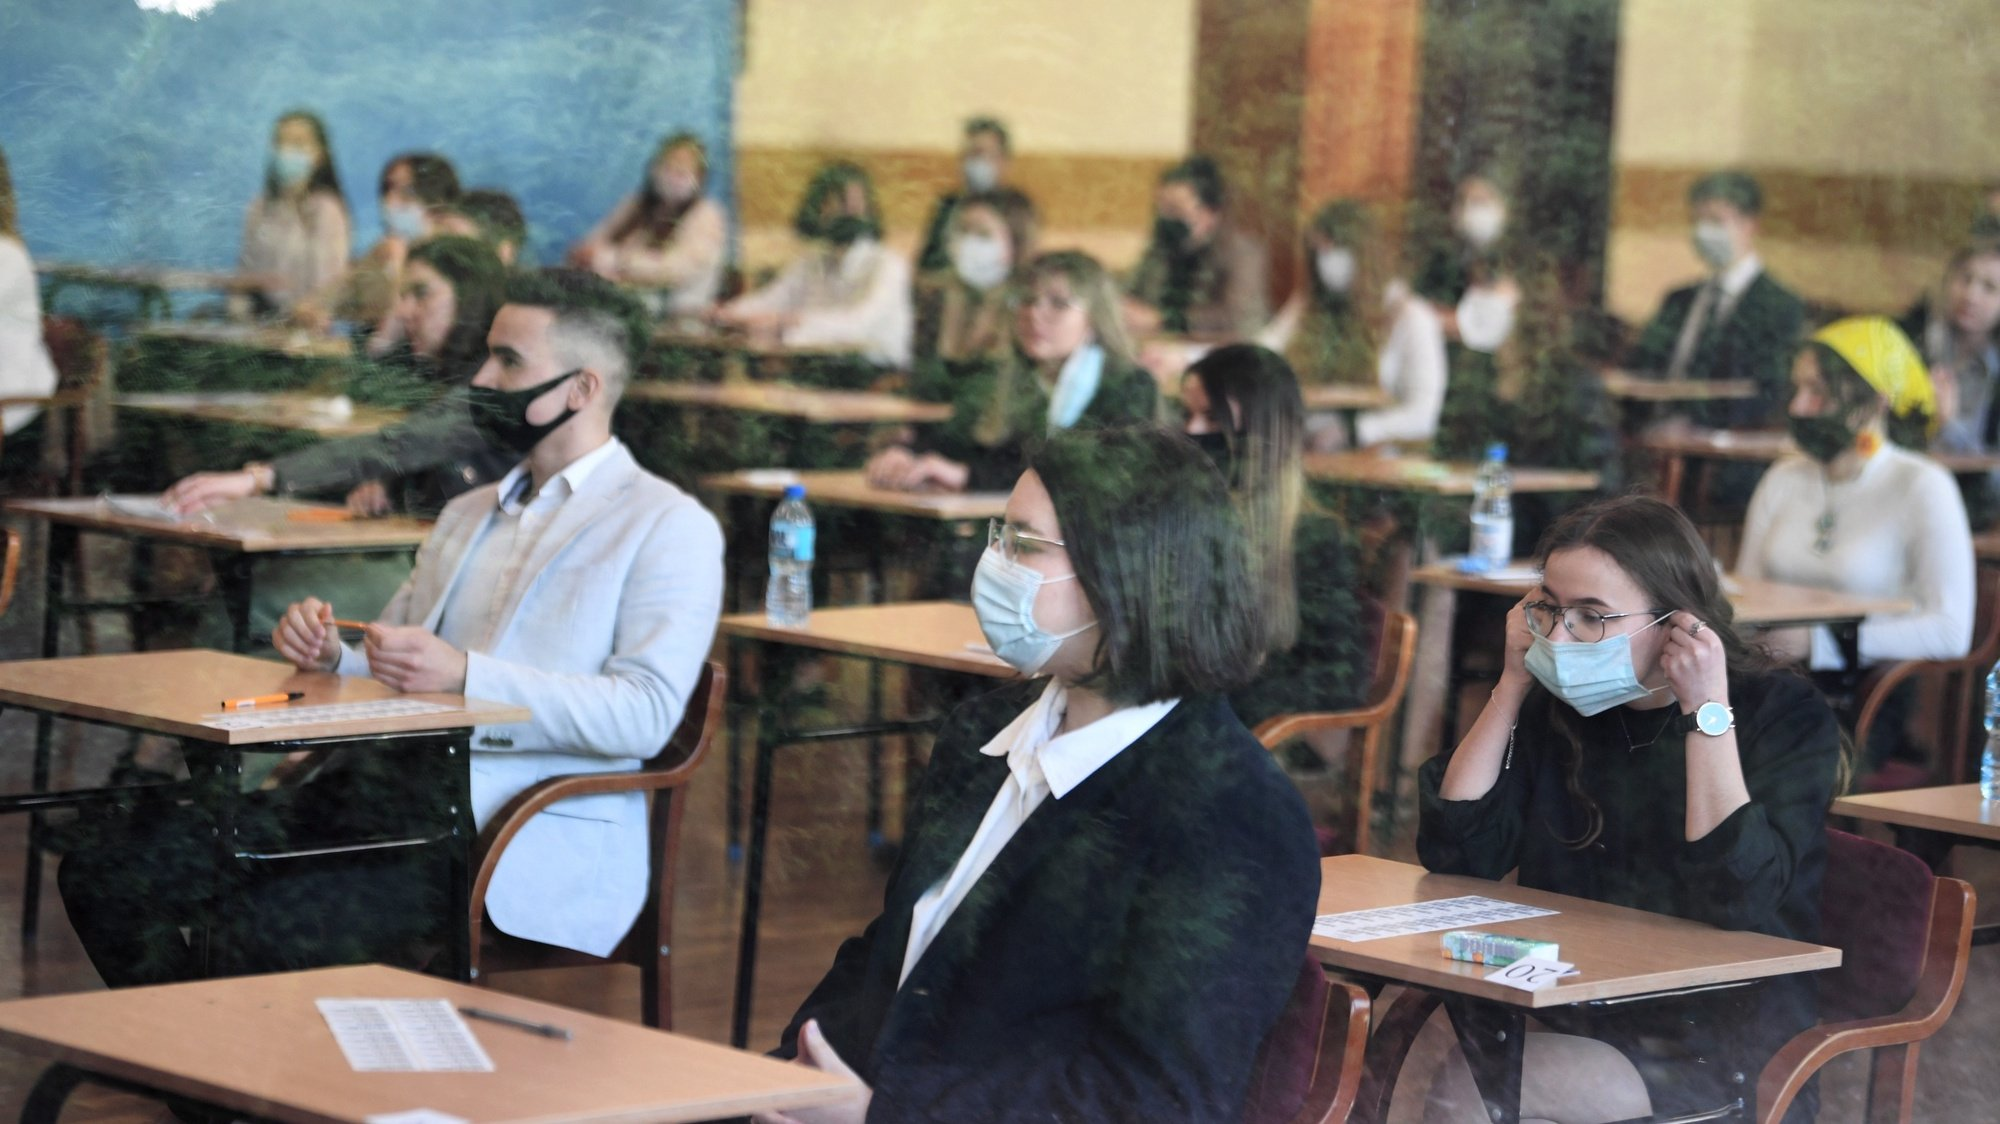 Exames finais de graduação do secundário, em Rzeszow, Polónia